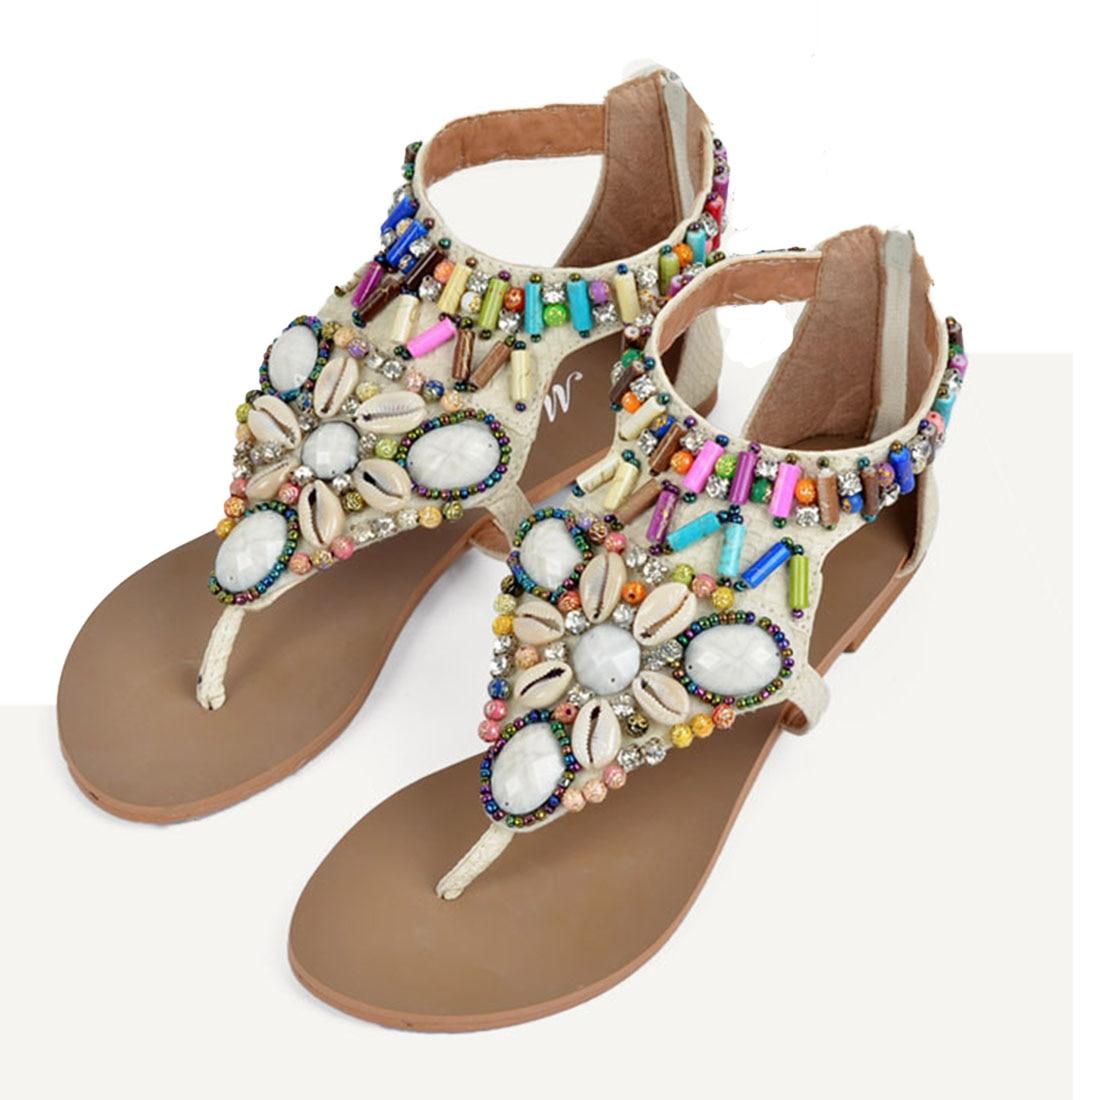 a2f171c17d37 Summer comfortable bohemia flats women sandals beachwear jpg 1100x1100 Shell  flip flops